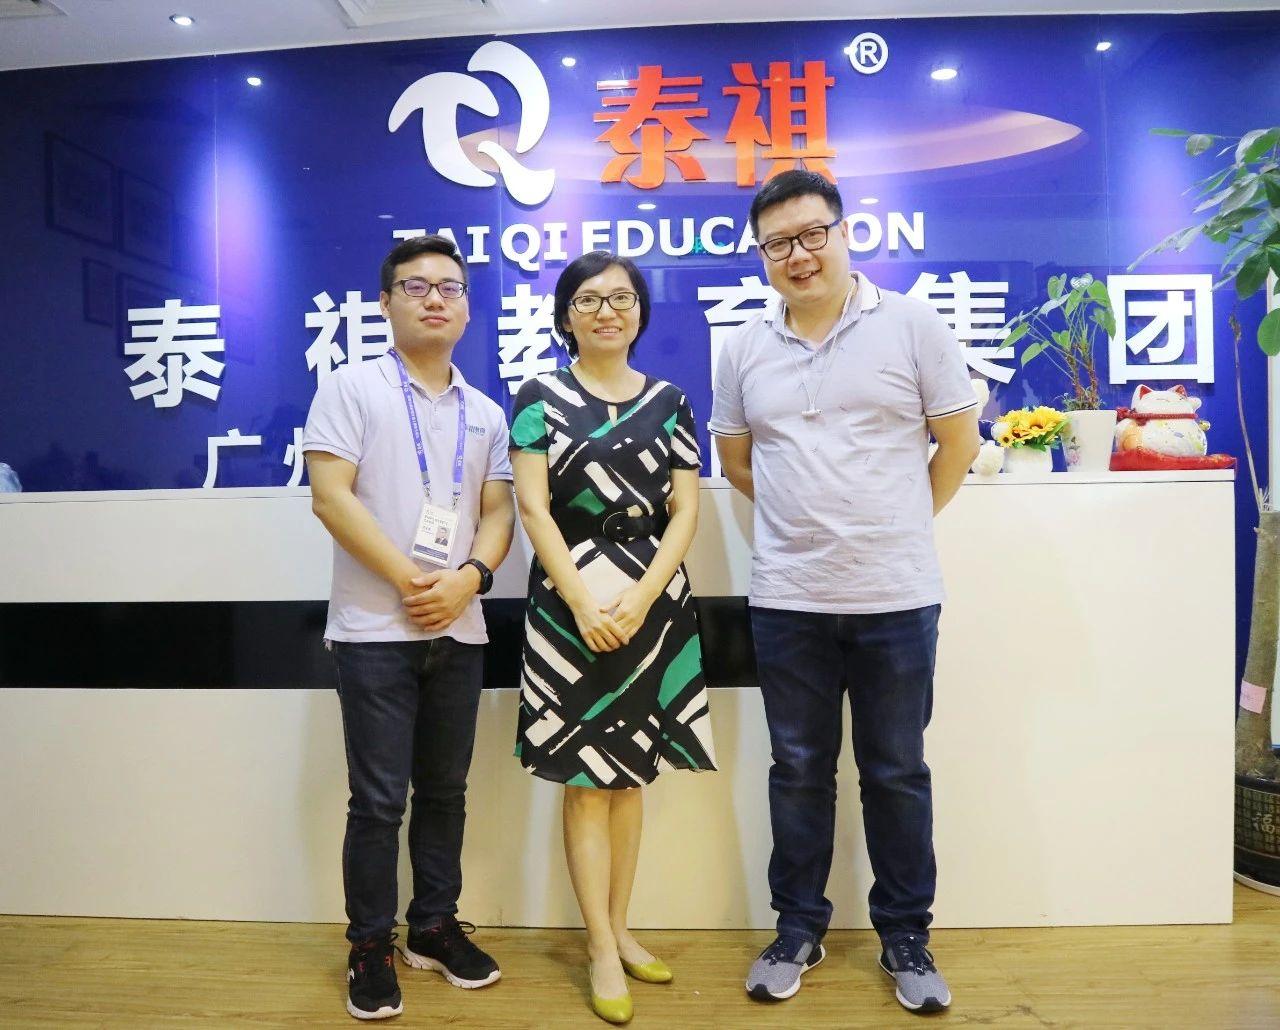 华南理工大学经济与金融学院MBA项目主任到访泰祺教育